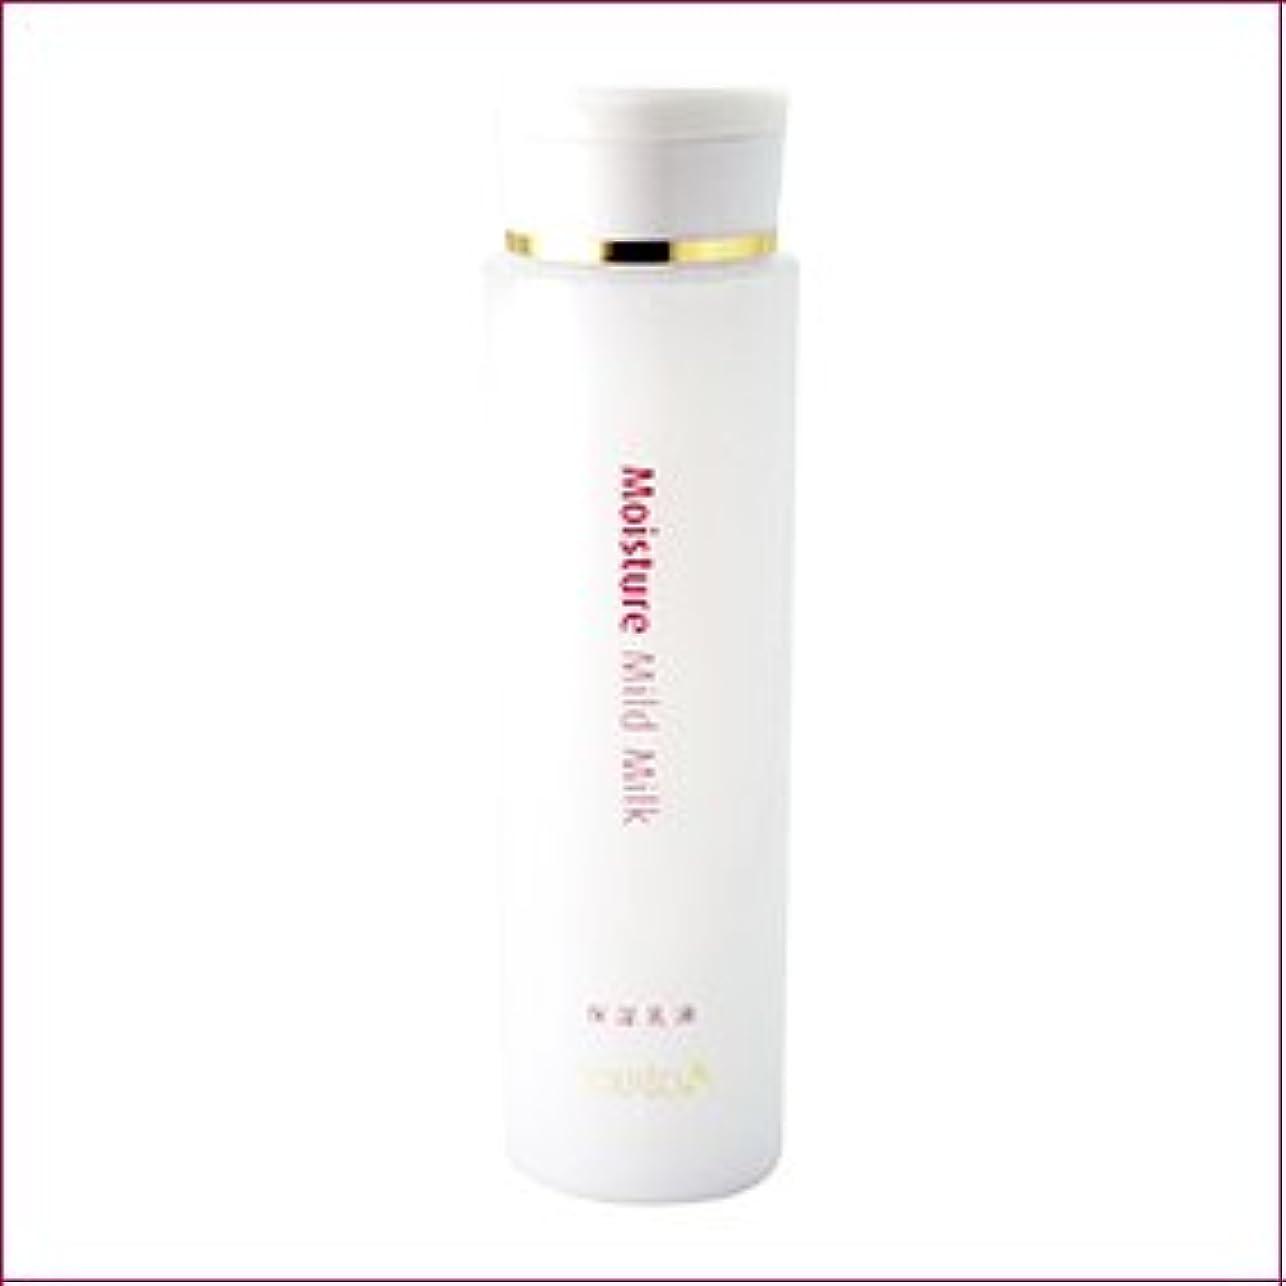 細分化するアプライアンス辛いポルトA 超しっとりタイプ モイスチャー保湿乳液 R